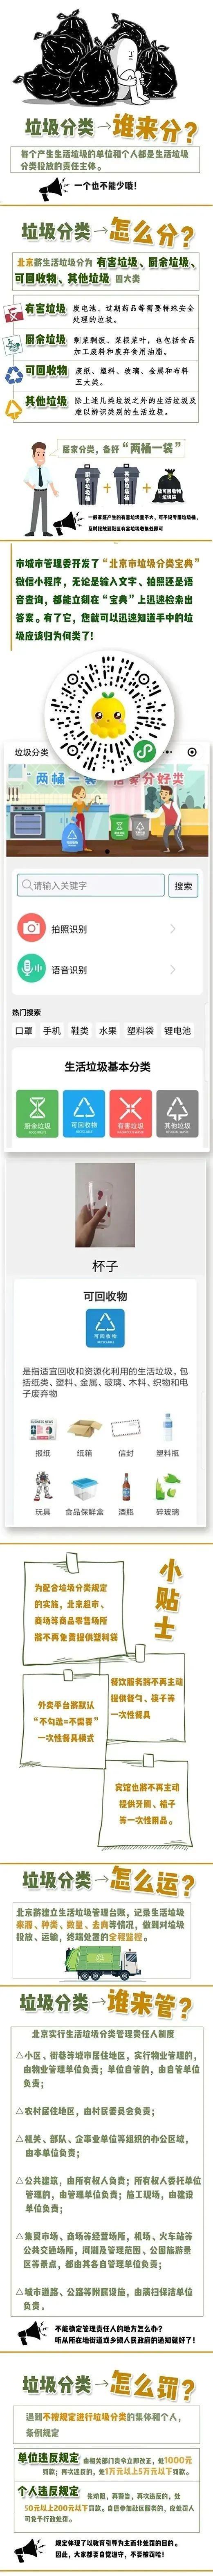 """北京将全面开启""""生活垃圾强制分类"""""""